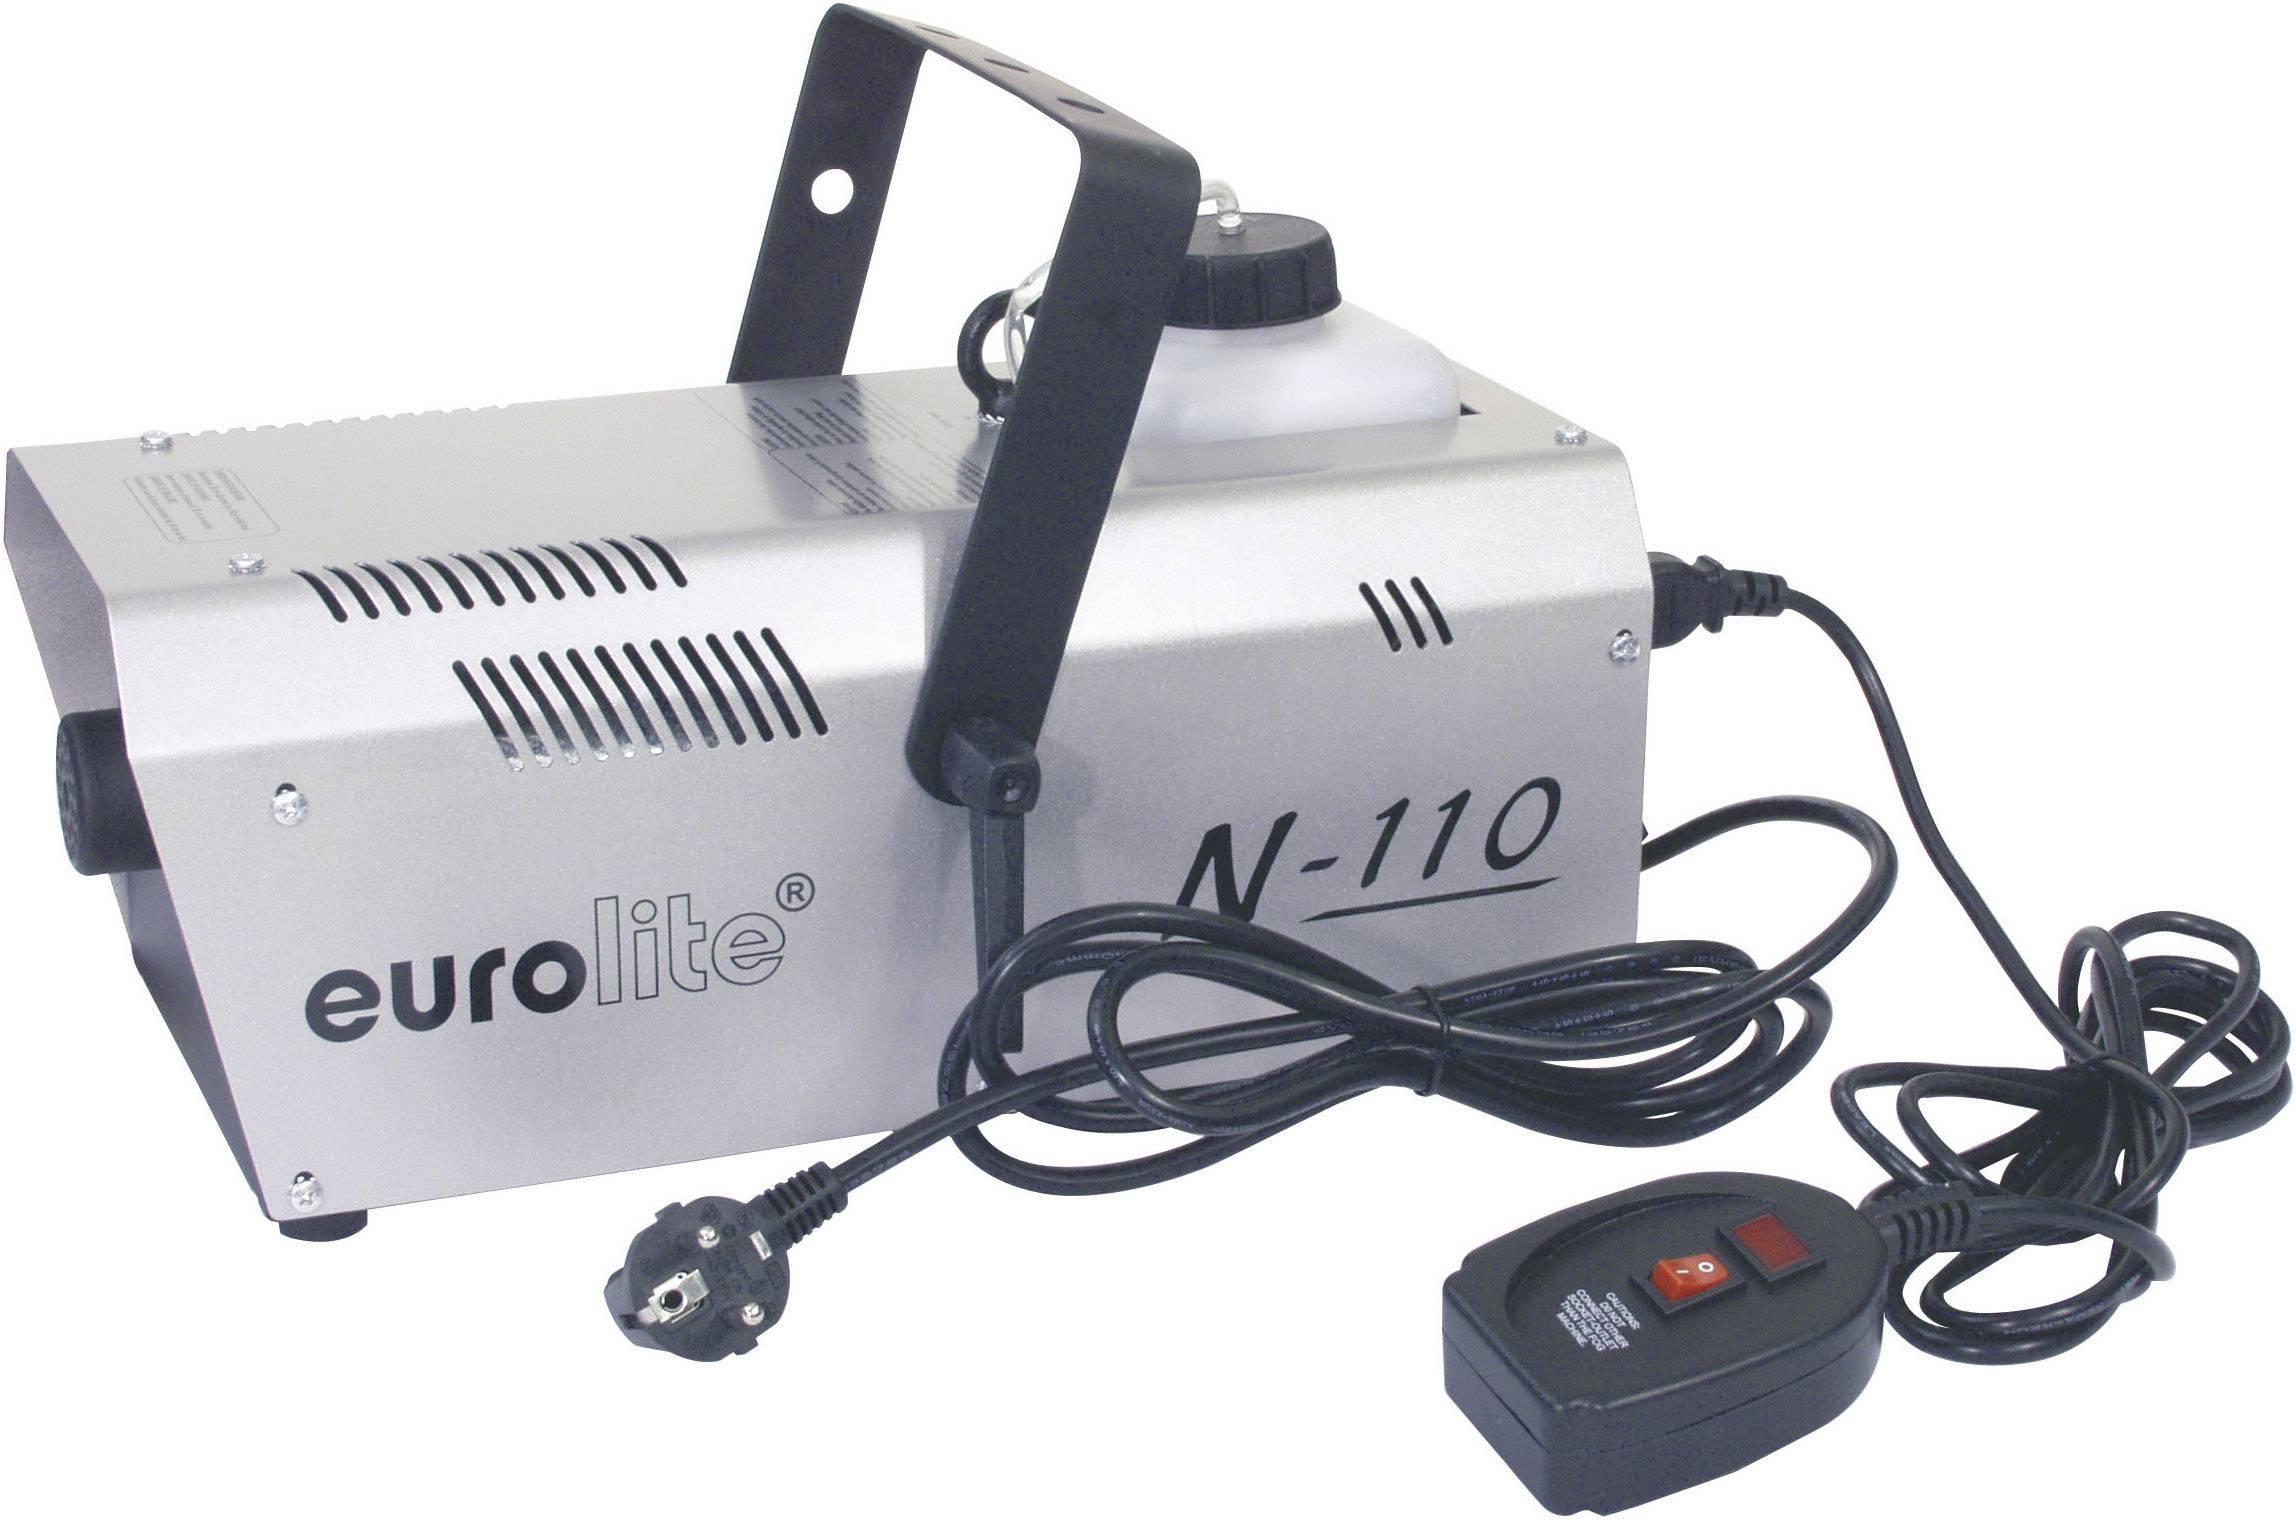 Výrobník hmly Eurolite N-110